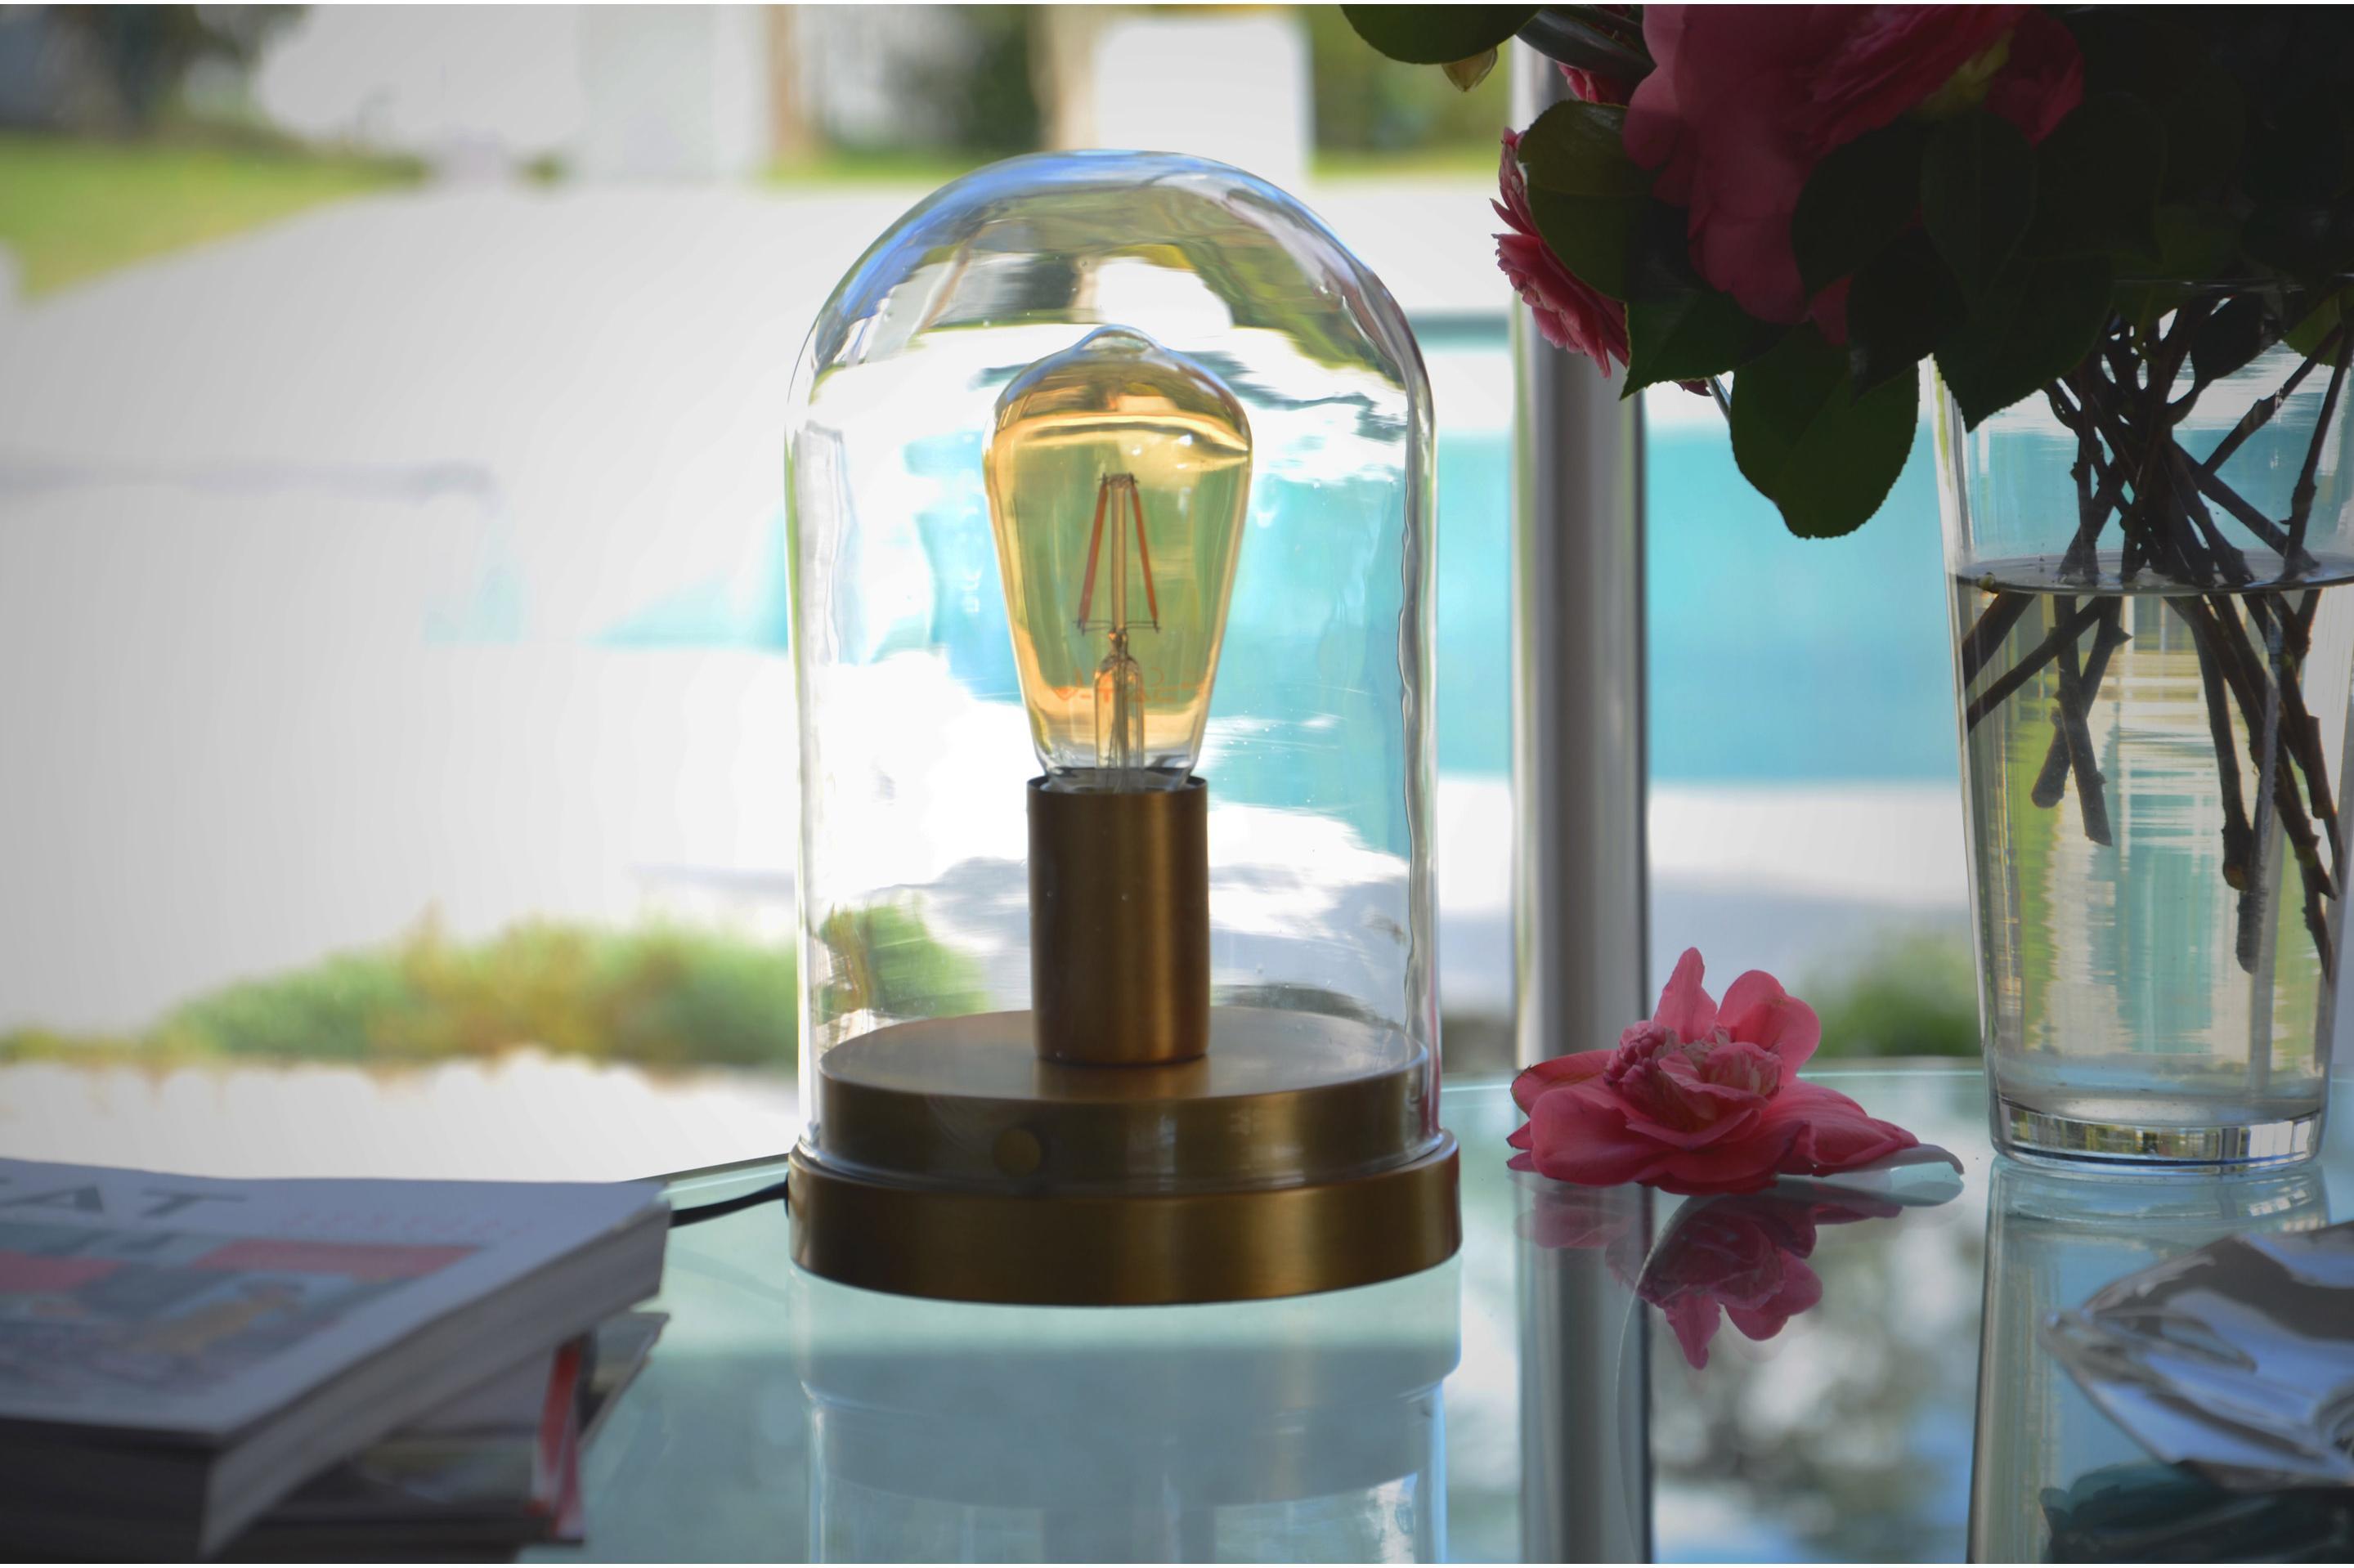 Lampe, e27 Lirton, verre transparent, 60 W